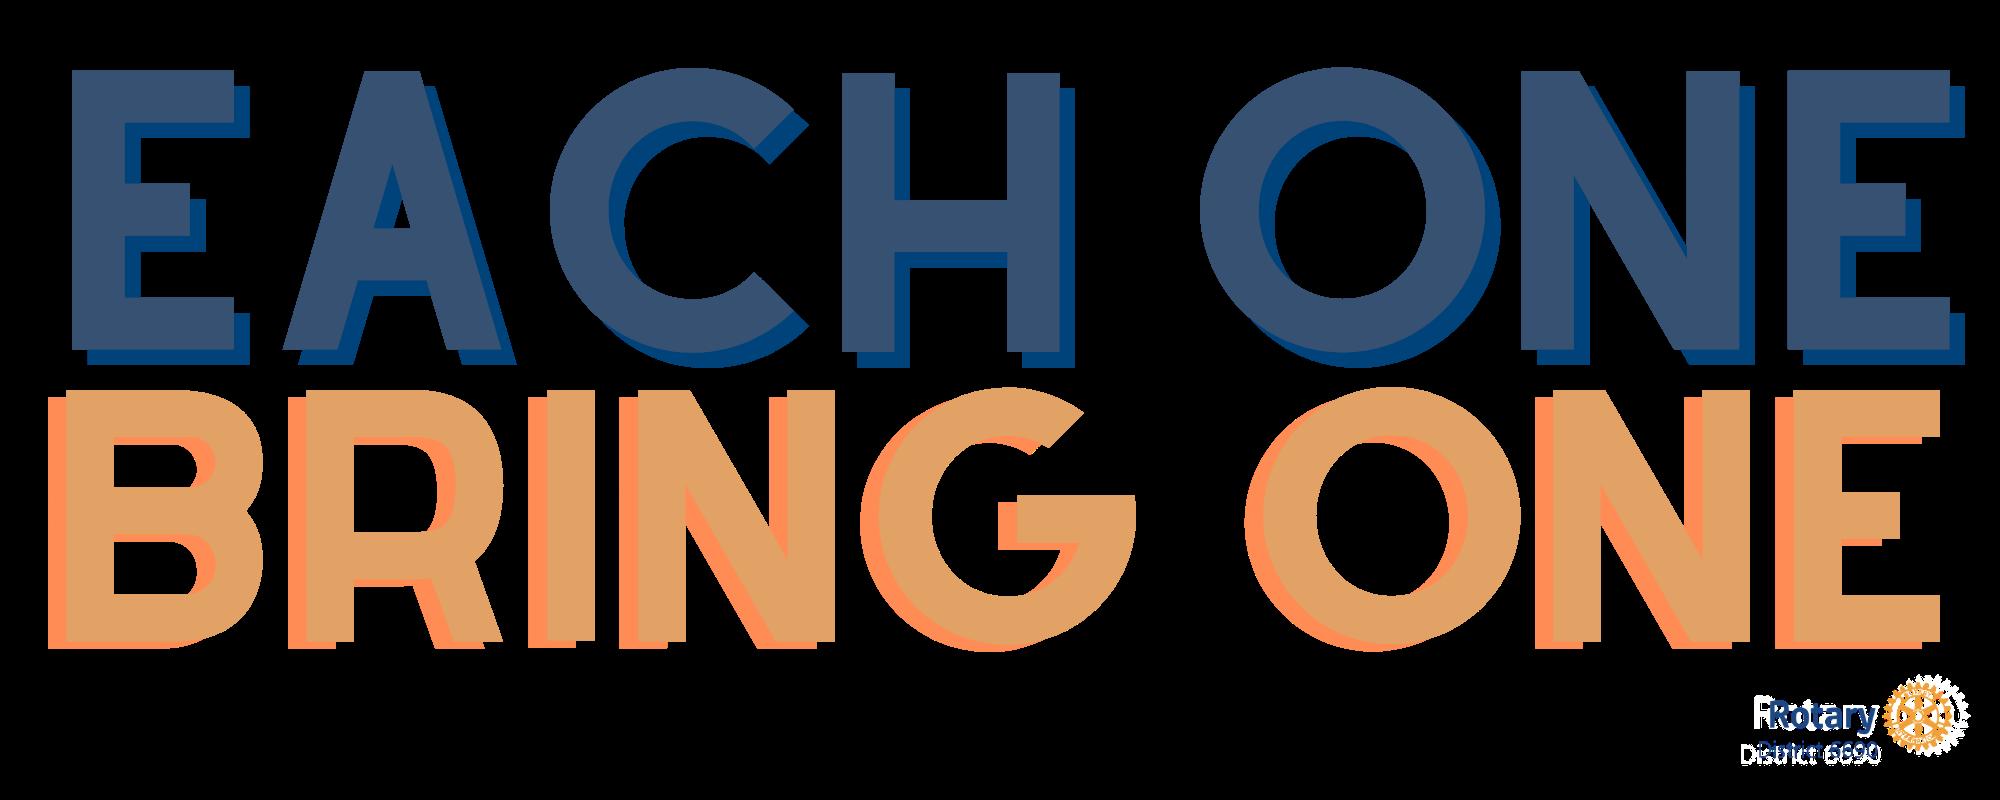 Each One Bring One logo